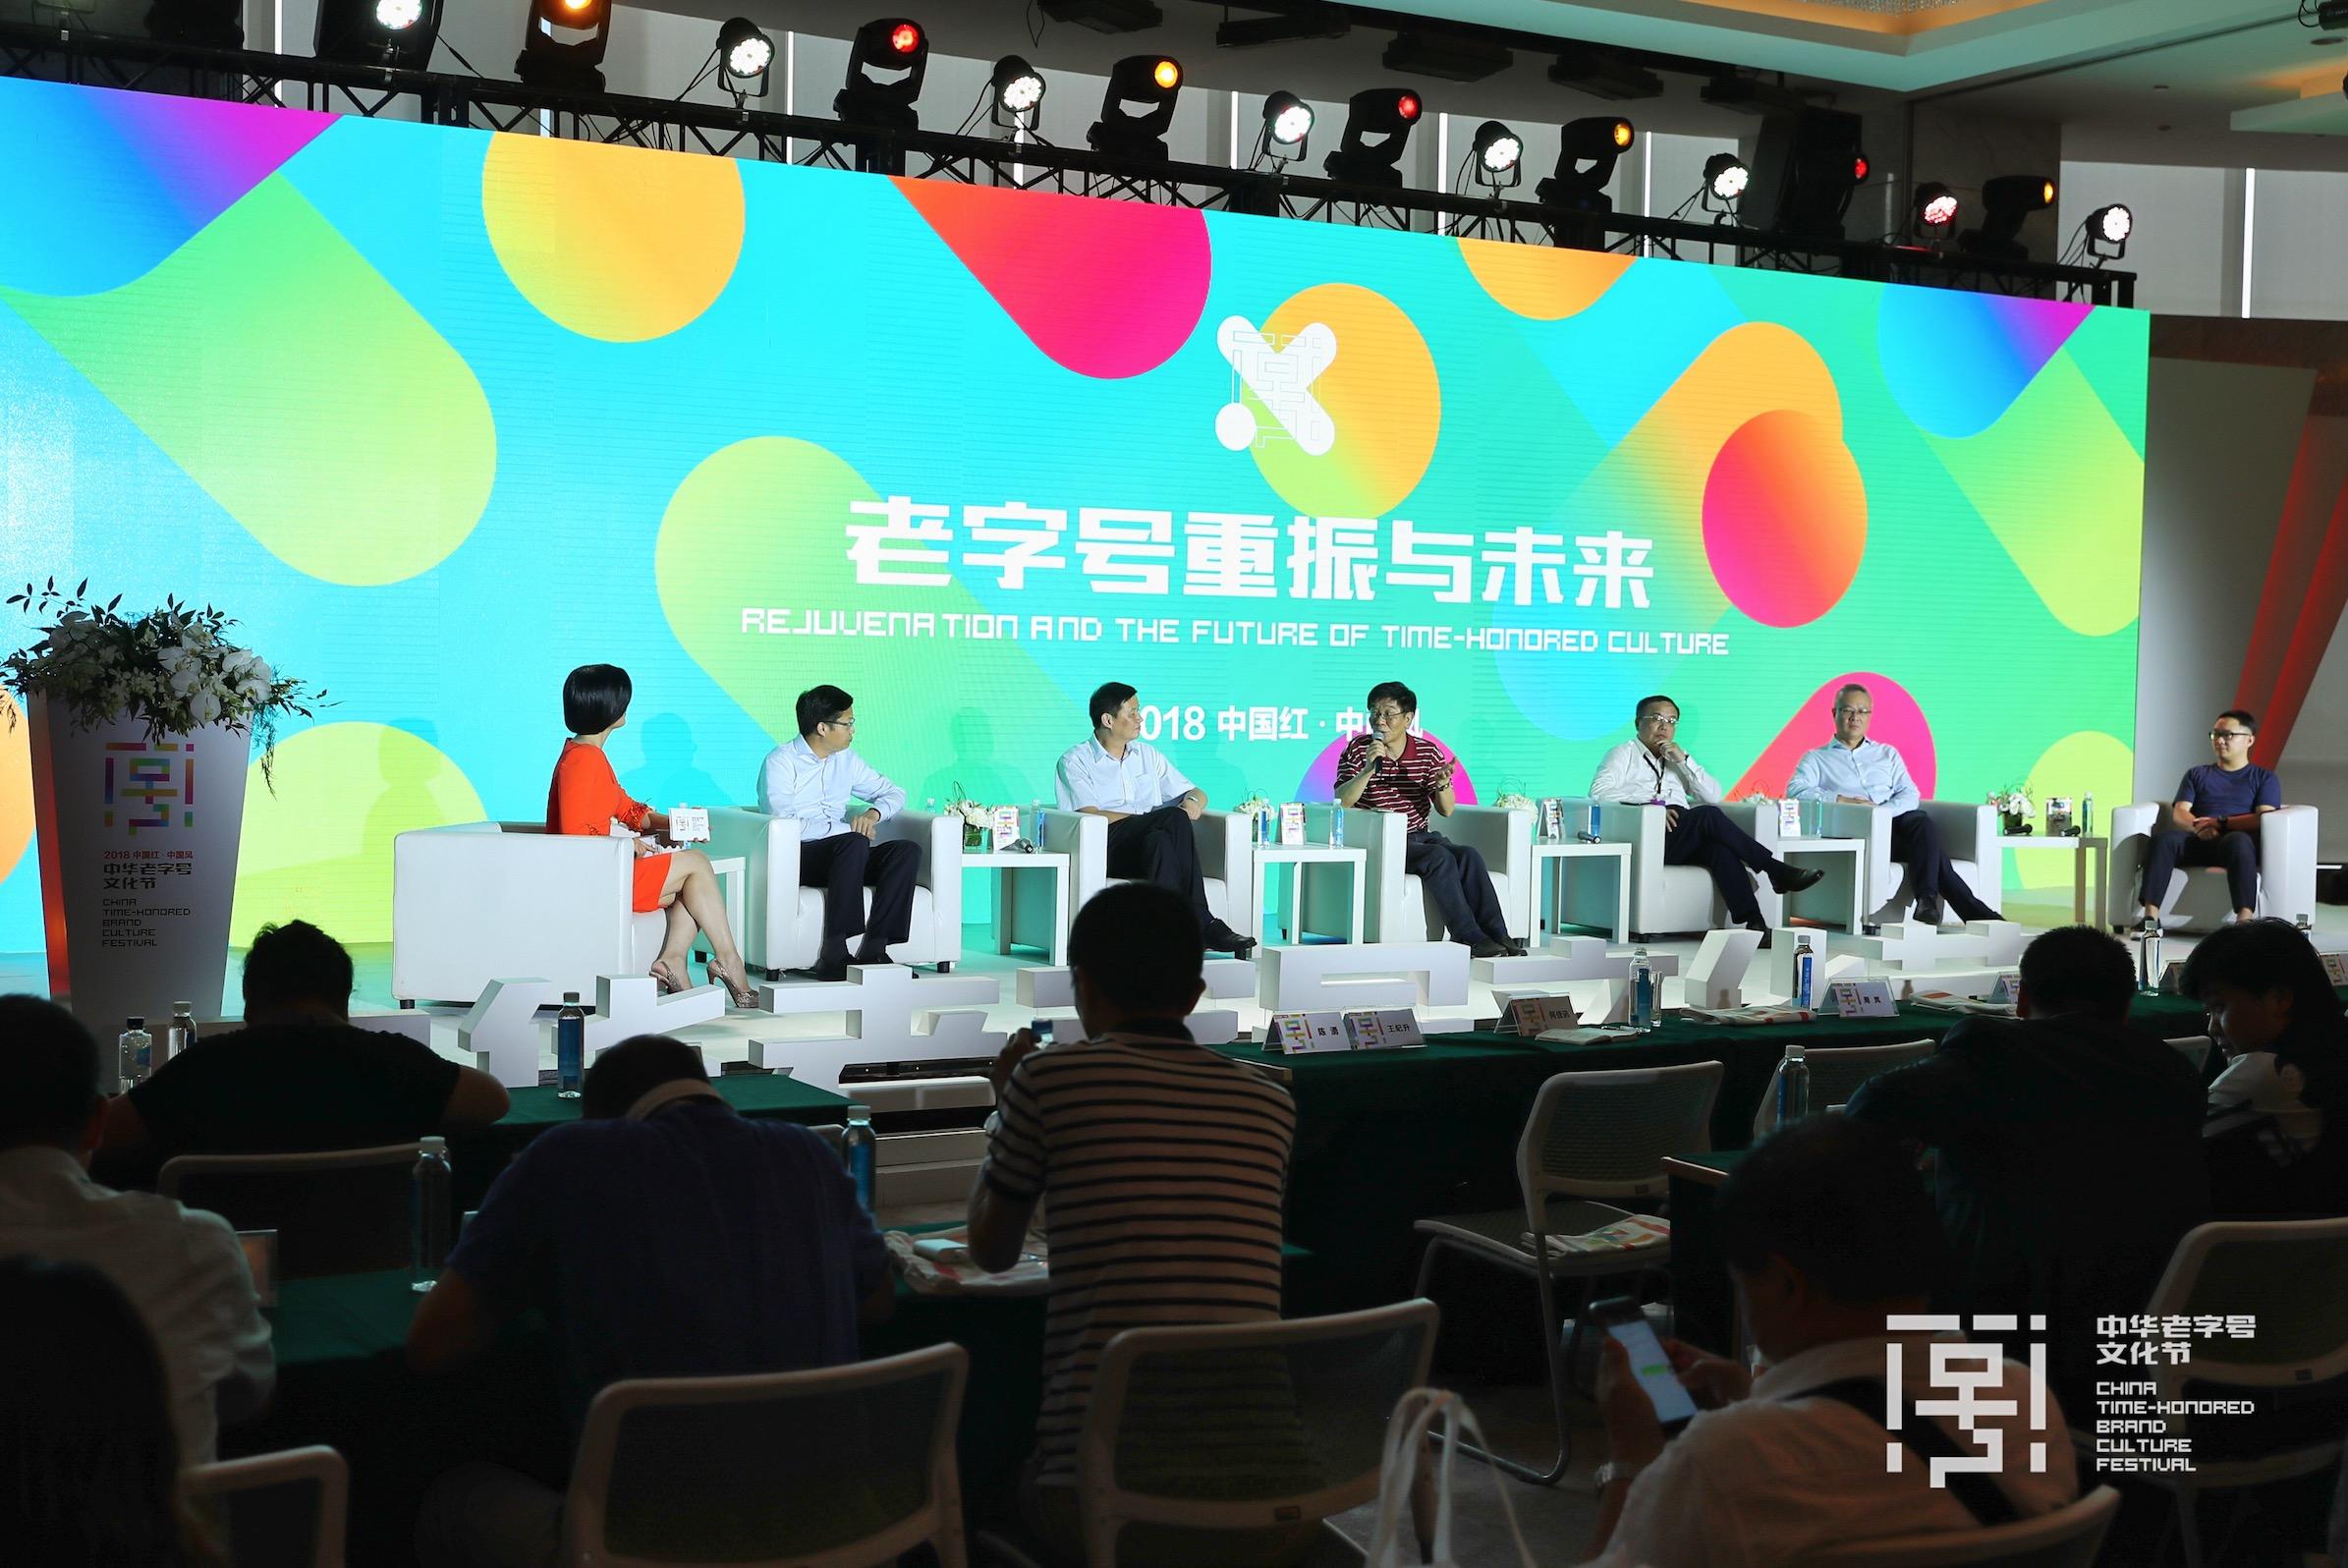 """中国首个全球时尚IP资源合作平台""""尚交所""""与老字号企业协会签订战略合作,共同推动老字号企业发展"""